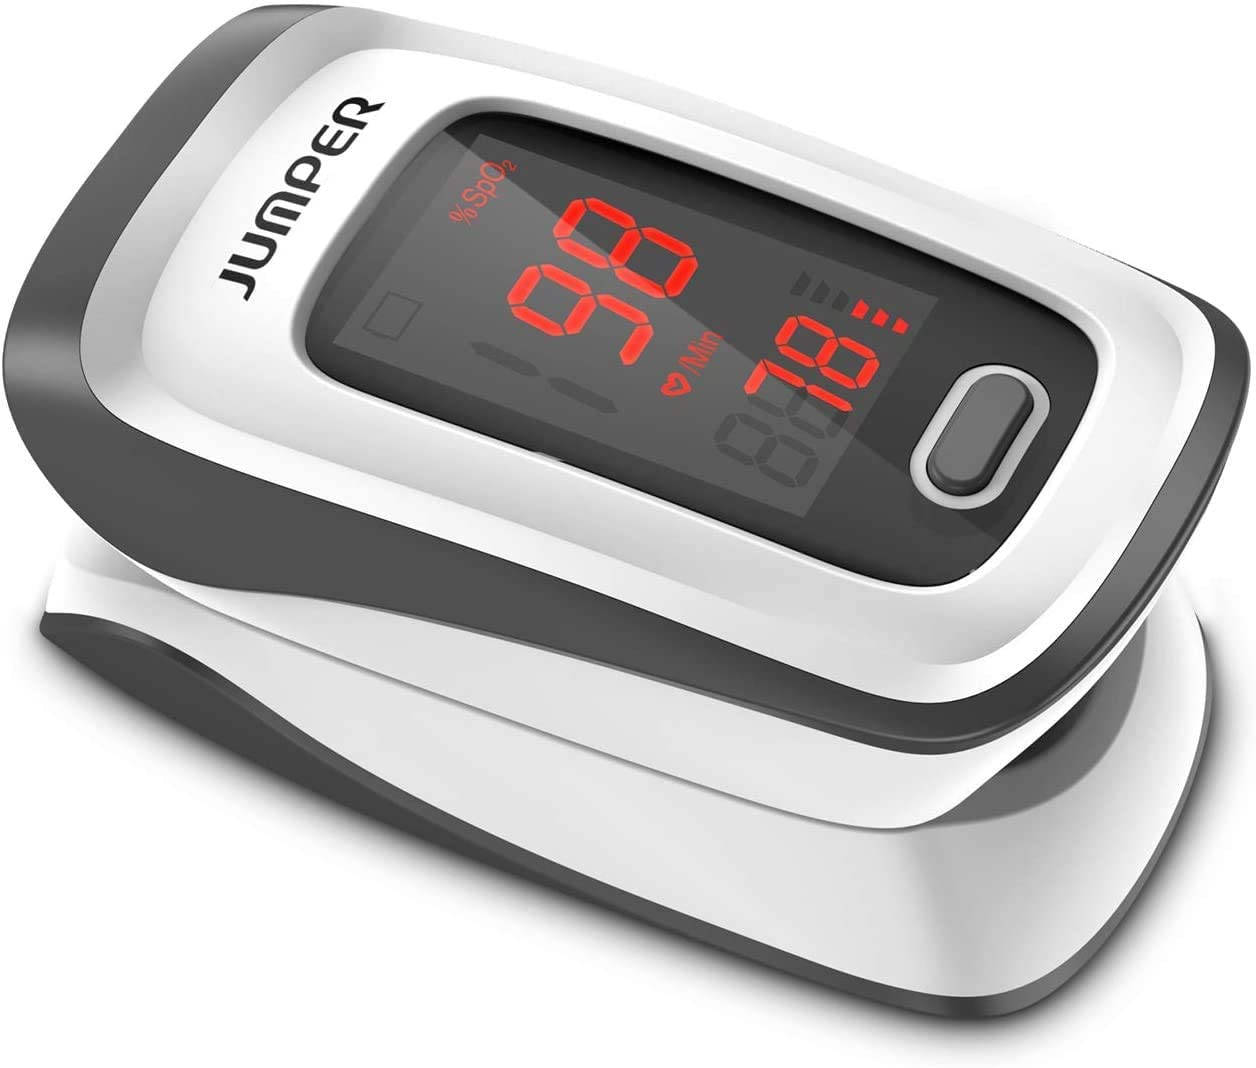 Pulsioxímetro JUMPER - Pantalla Grande Para Medir SpO2, índice de Perfusión y Frecuencia de Pulso en el Dedo, con Estuche, Baterías y Cordón